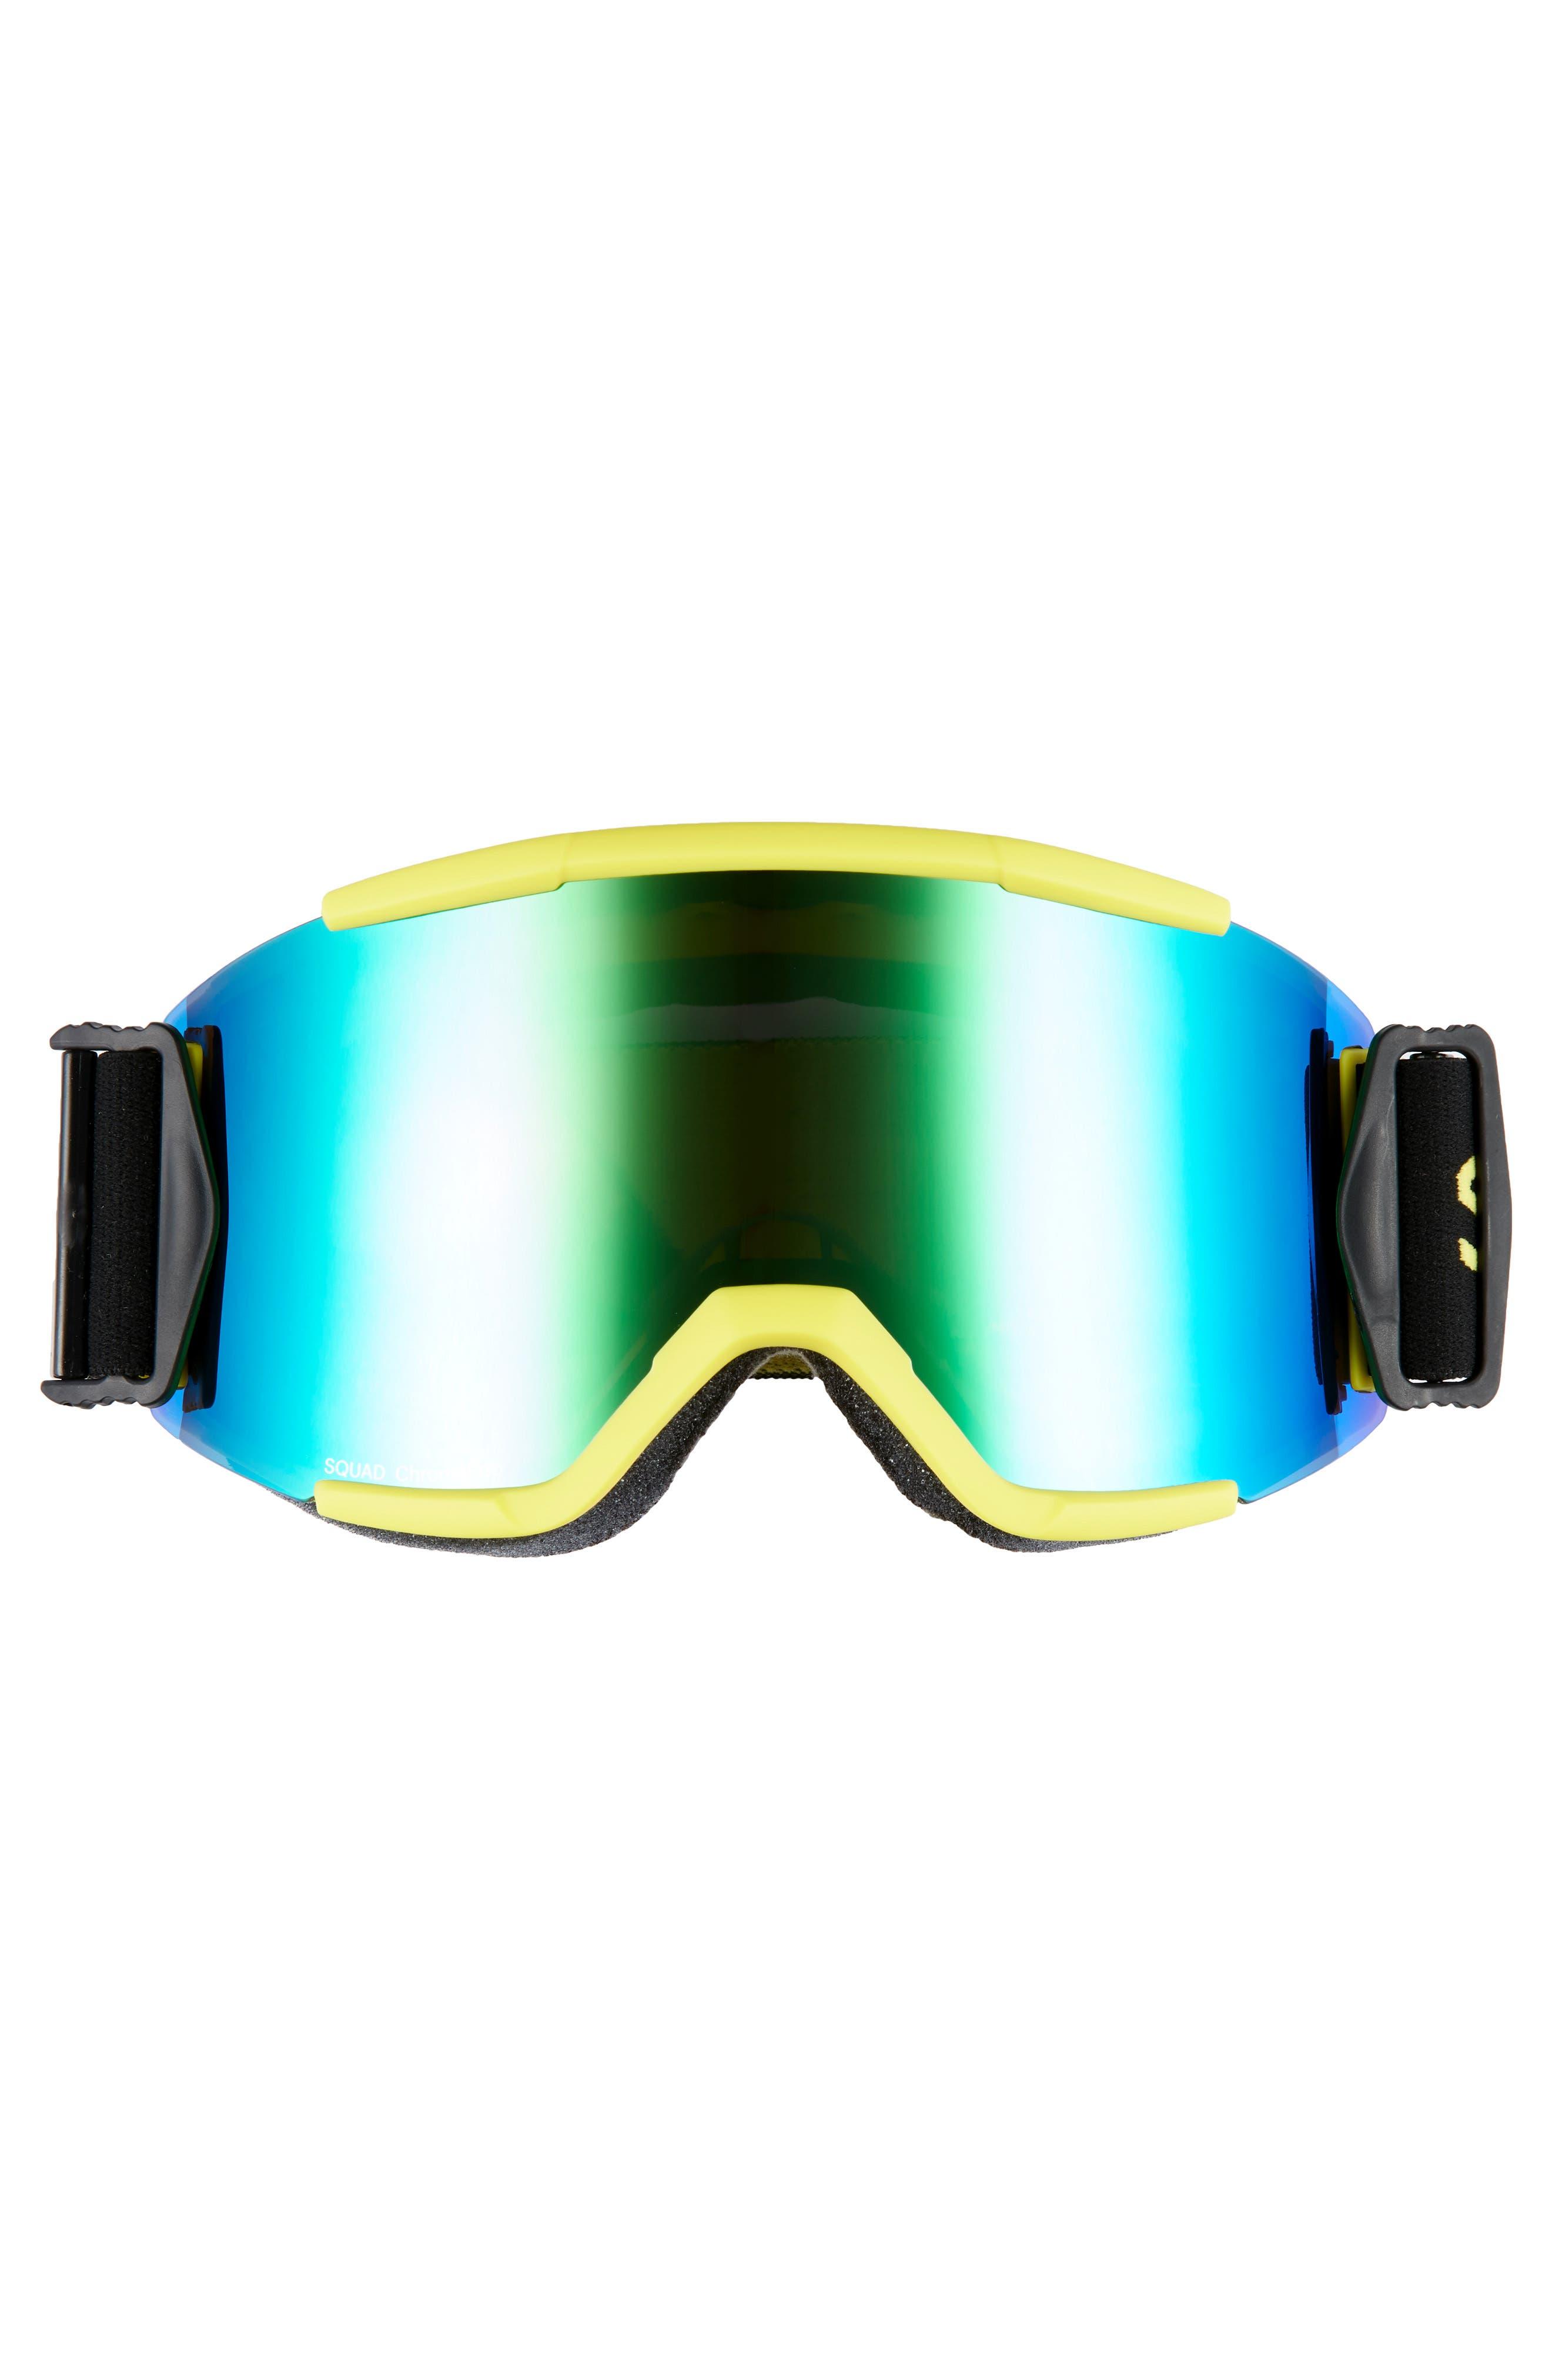 Squad Chromapop 180mm Snow Goggles,                             Alternate thumbnail 3, color,                             CITRON GLOW